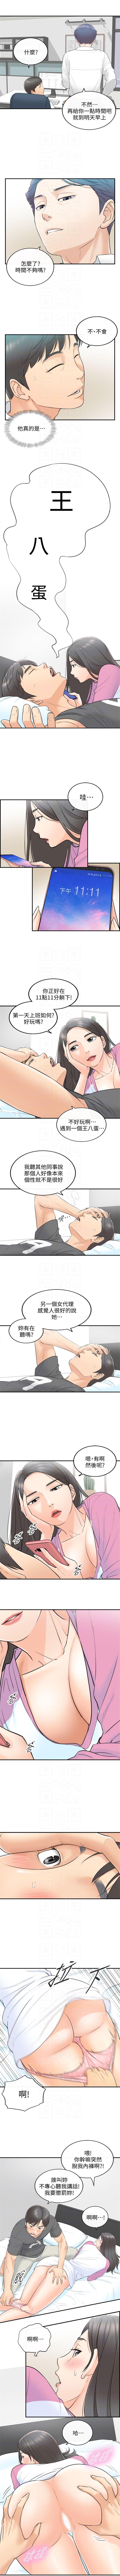 (週5)正妹小主管 1-39 中文翻譯(更新中) 13